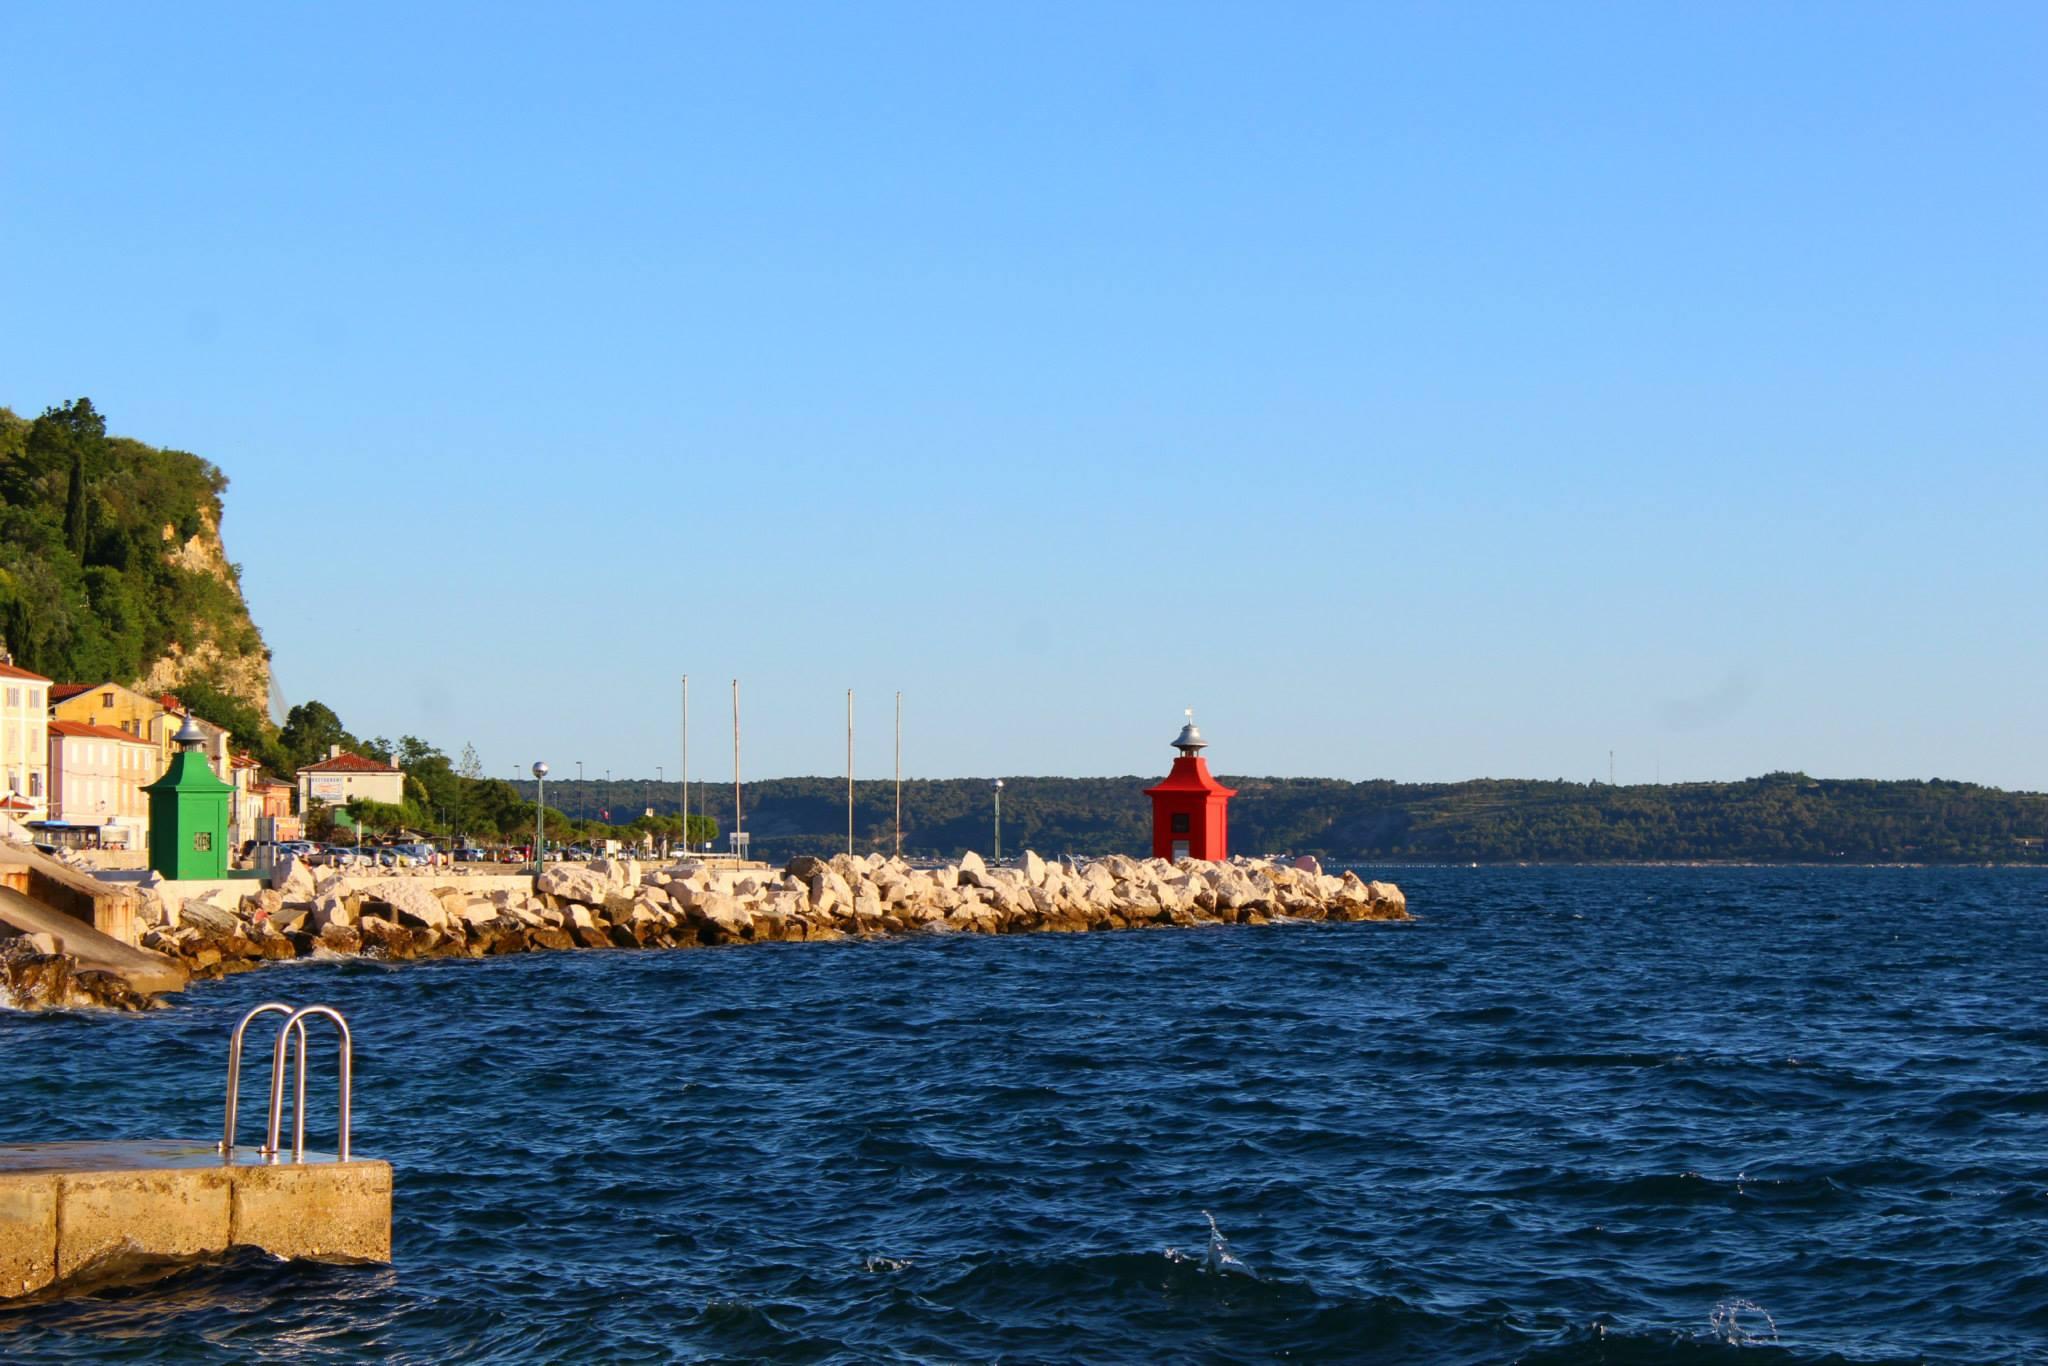 First glimpse of Adriatic Coast – Piran